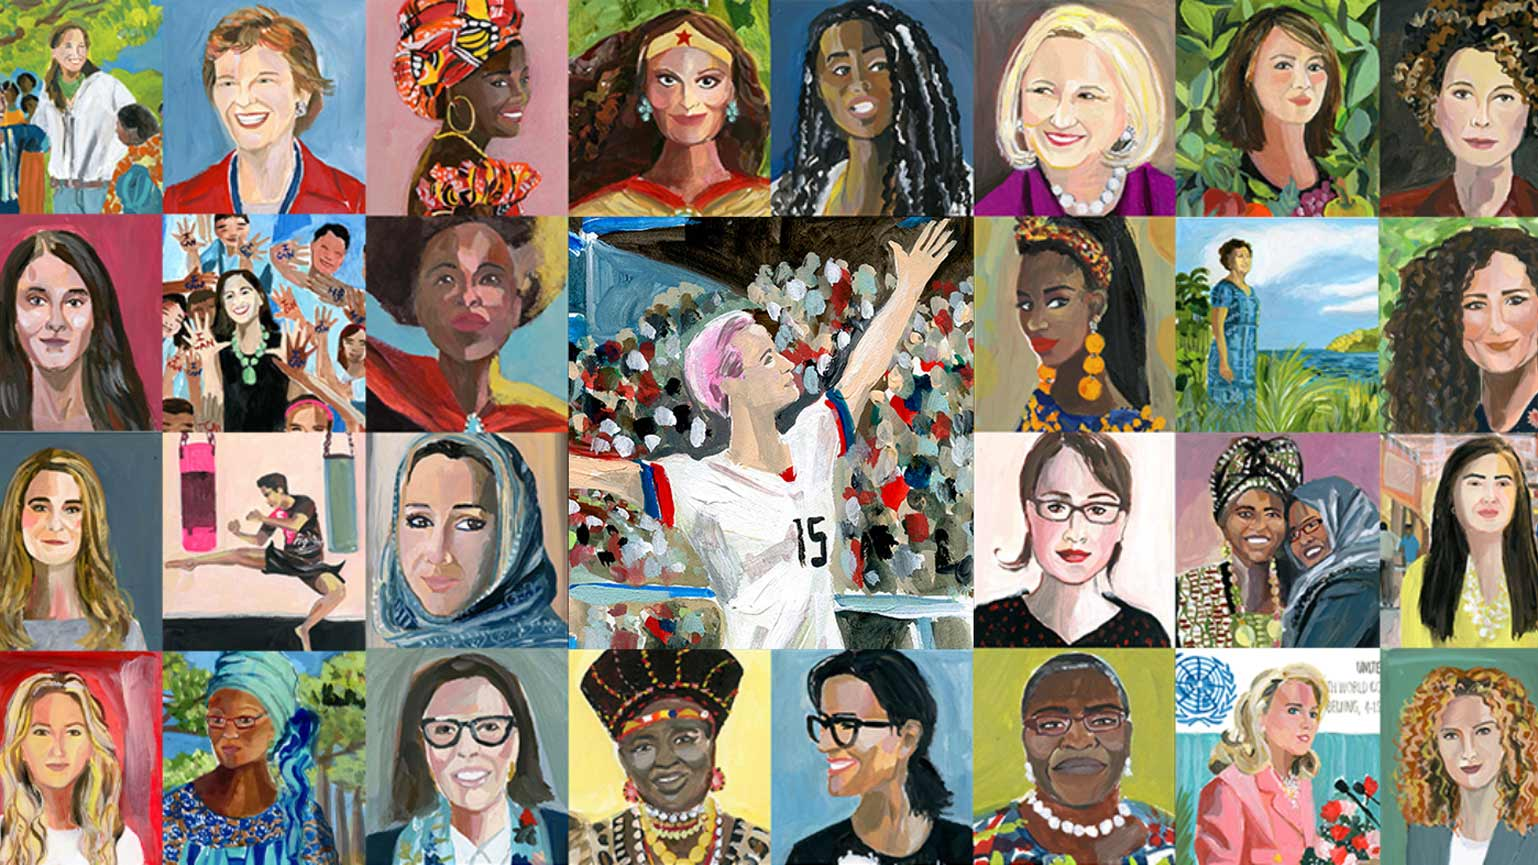 Vital Voices-kollage från bokens porträtt